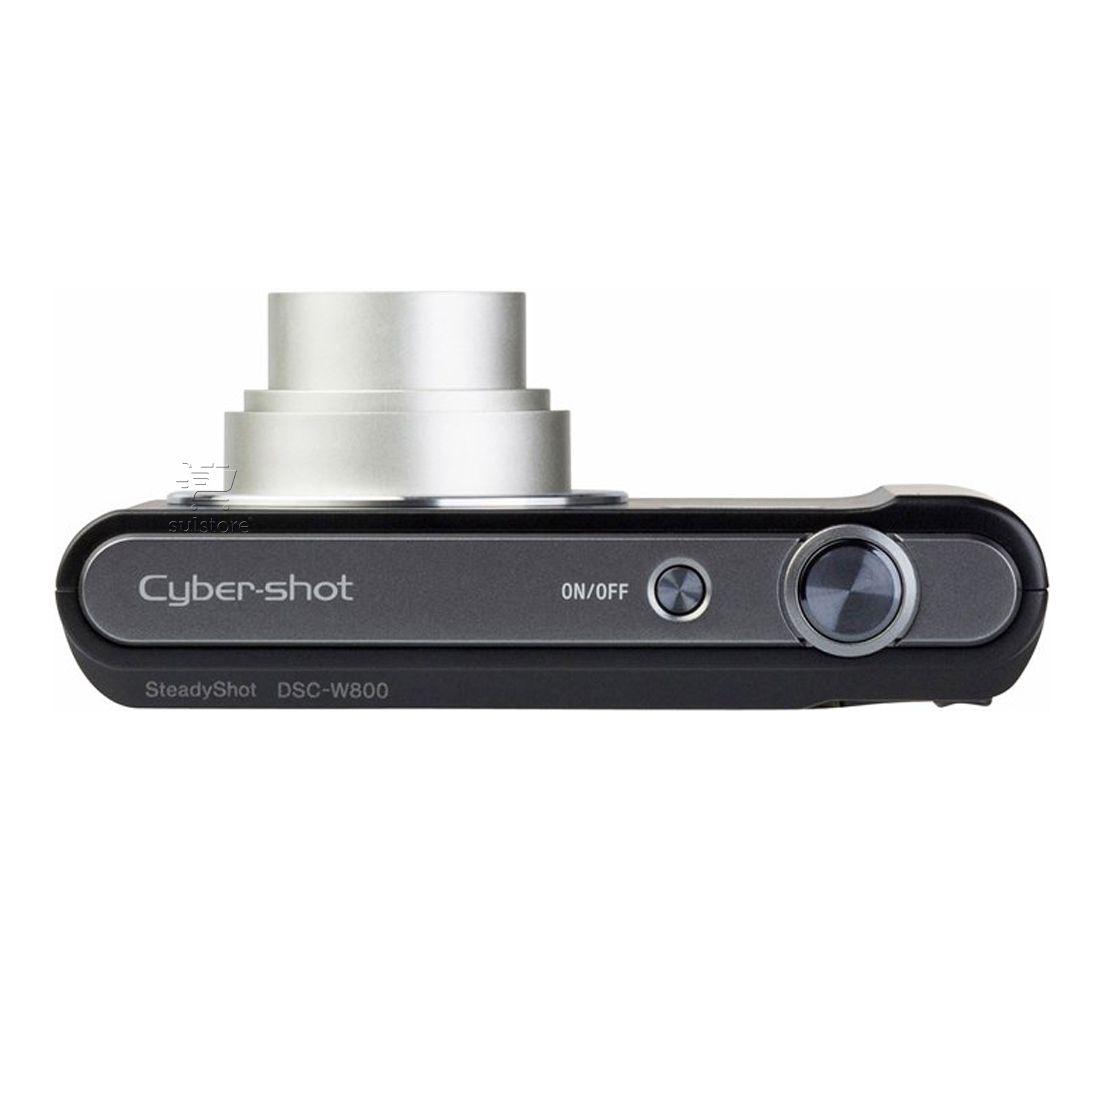 Câmera Digital Sony DSC-W800 20.1MP Zoom Óptico 5X e Bateria Recarregável